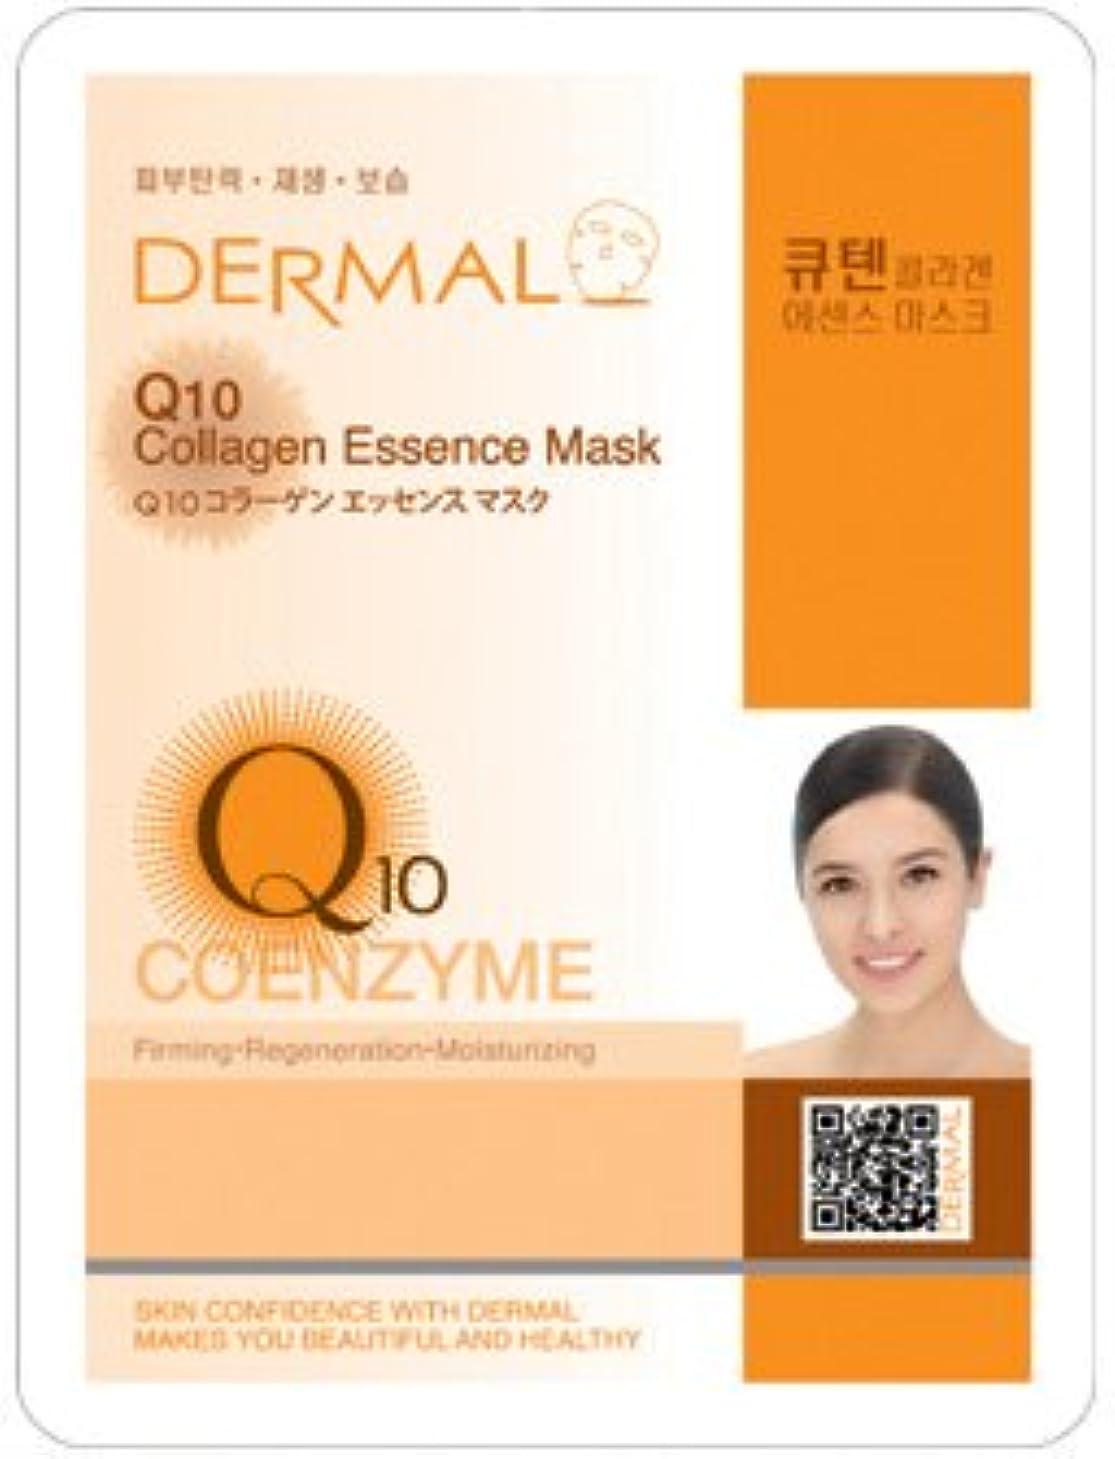 愛されし者再現する採用するシートマスク Q10 コエンザイム 100枚セット ダーマル(Dermal) フェイス パック